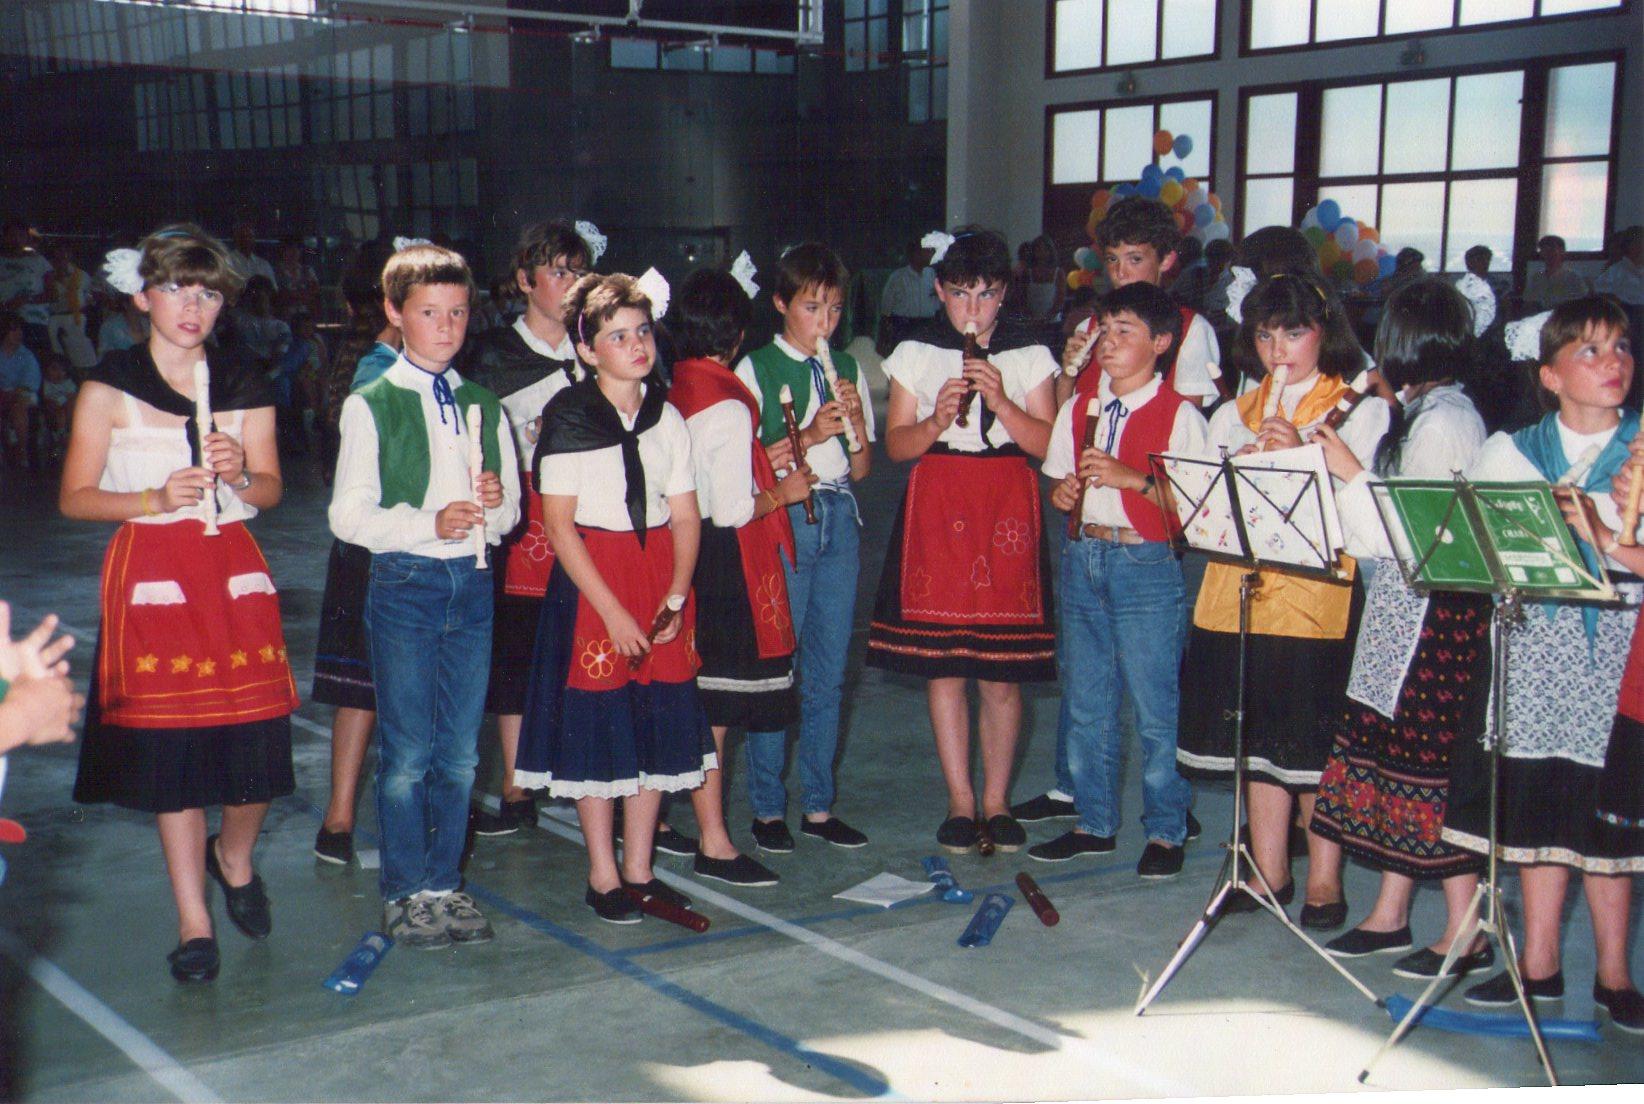 kermesse1989.jpg